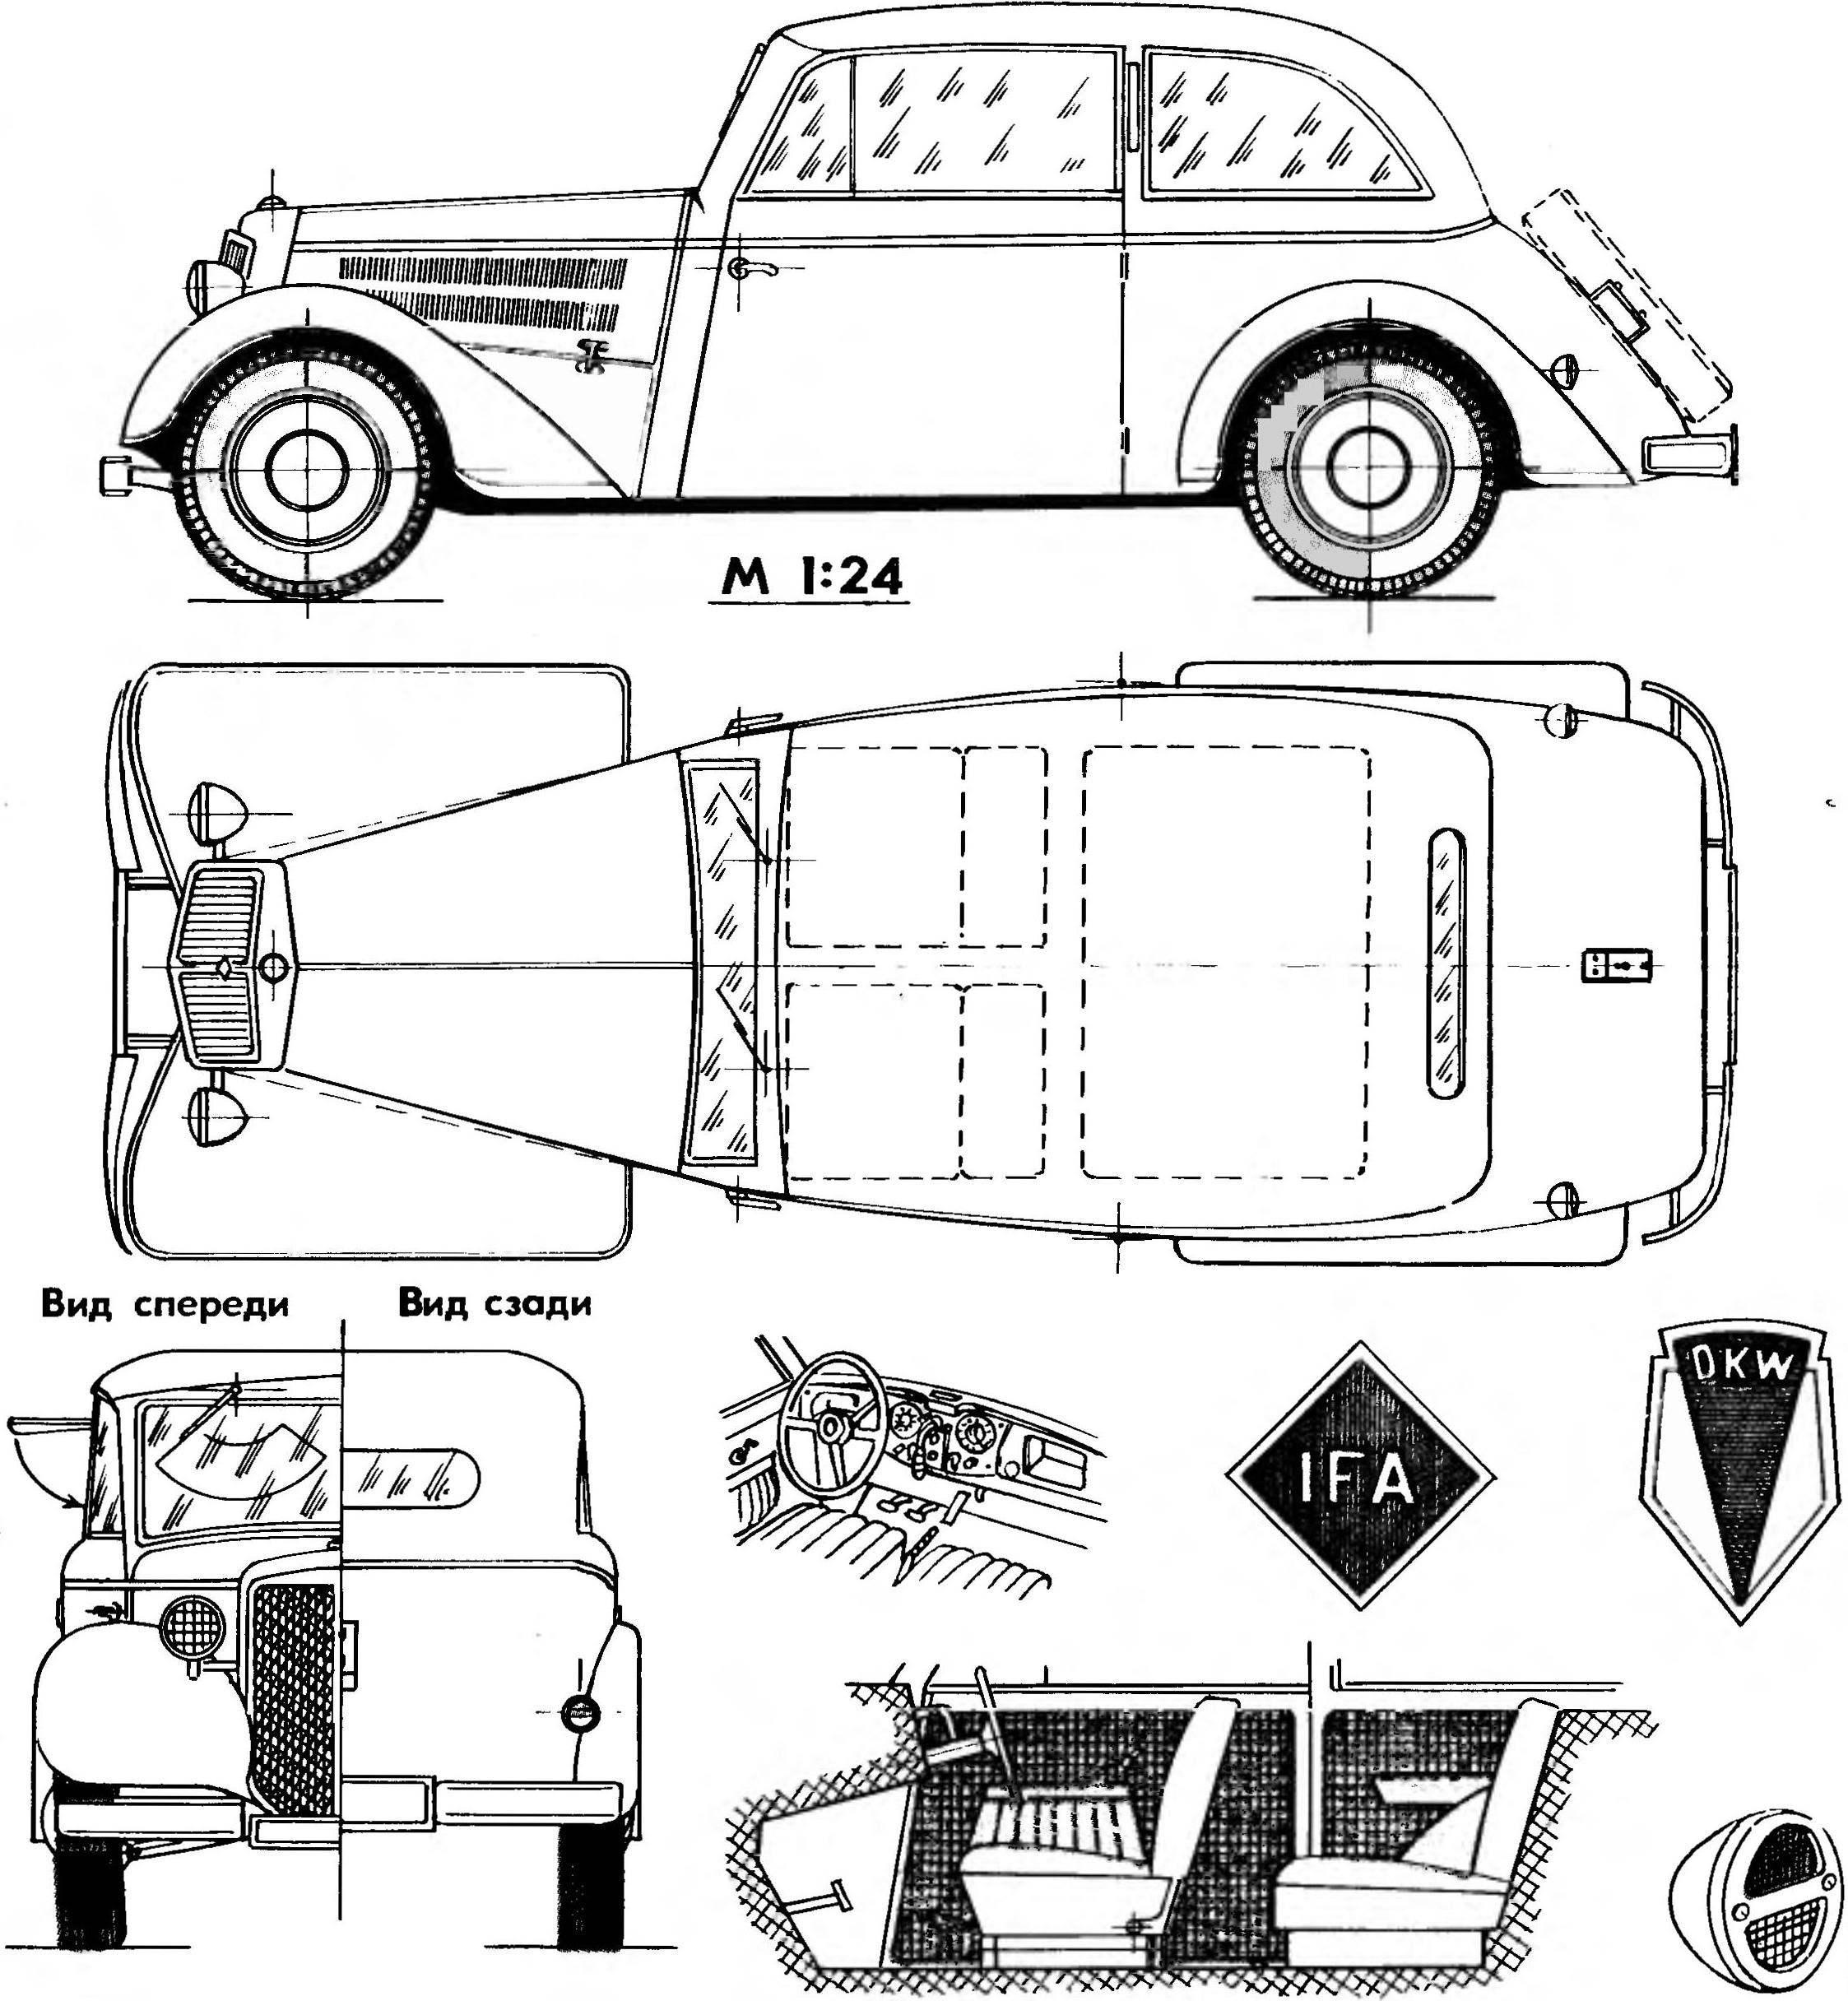 Четырехместный легковой автомобиль ДКВ-ИФА Ф-8